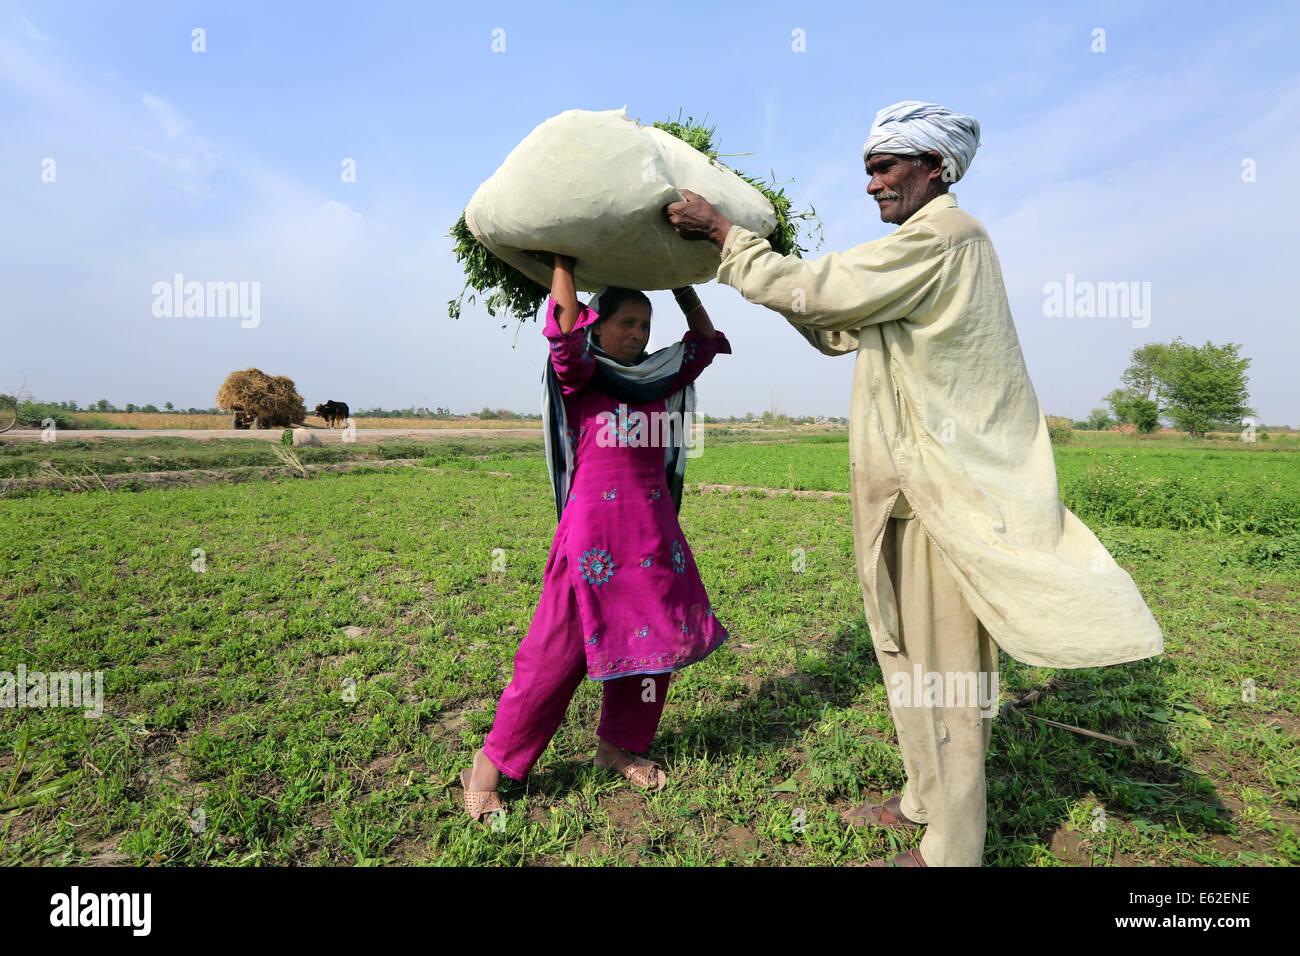 Les agriculteurs transportent un sac de trèfle récolté pour nourrir leurs animaux, près de l'Khuspur, Photo Stock